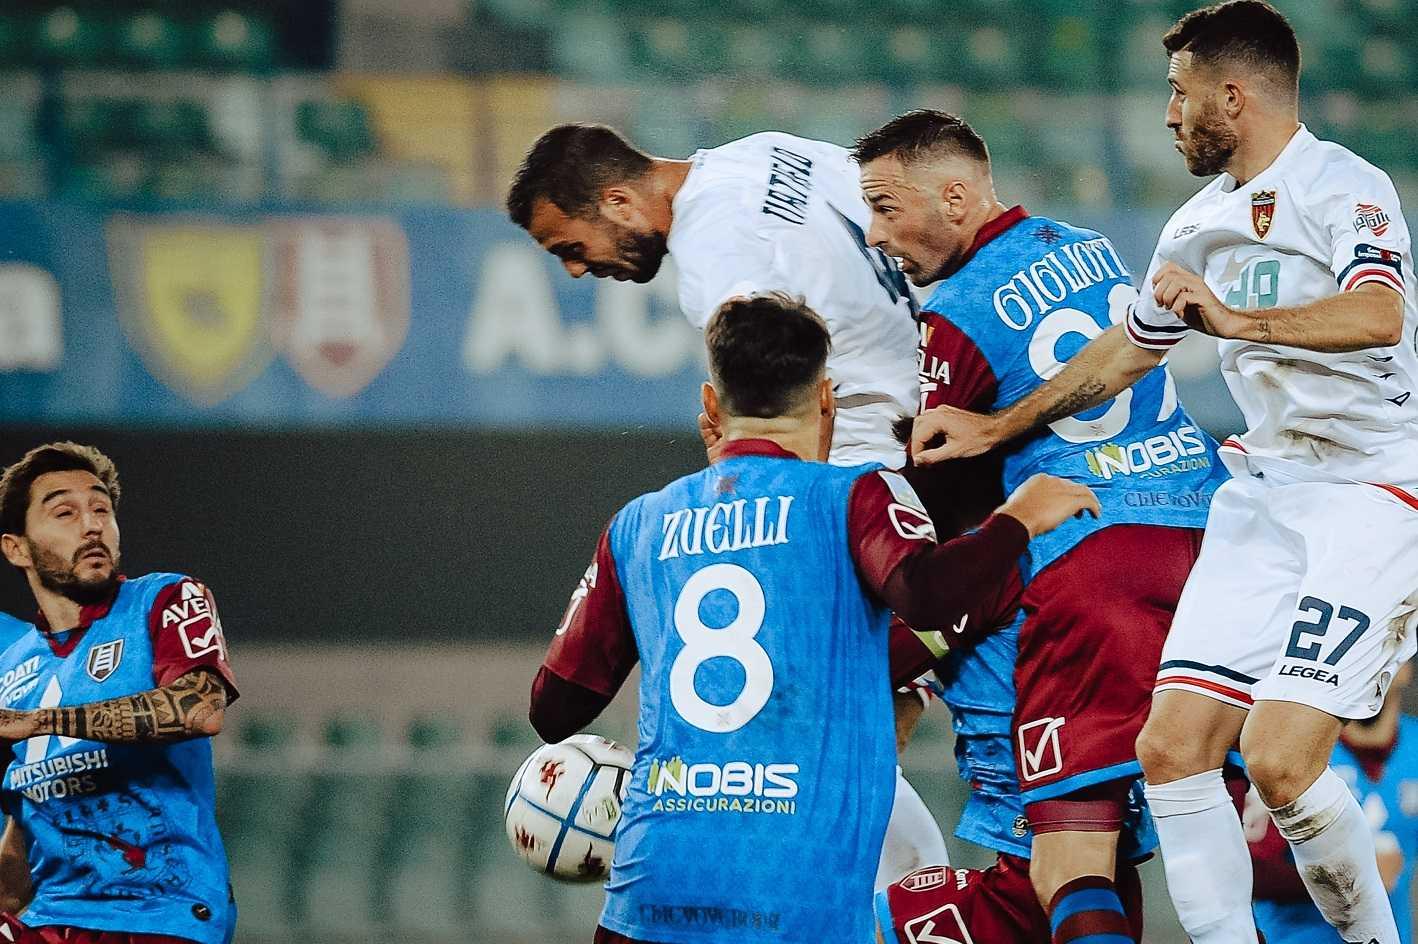 Serie B, meno 8 al traguardo: la situazione in classifica